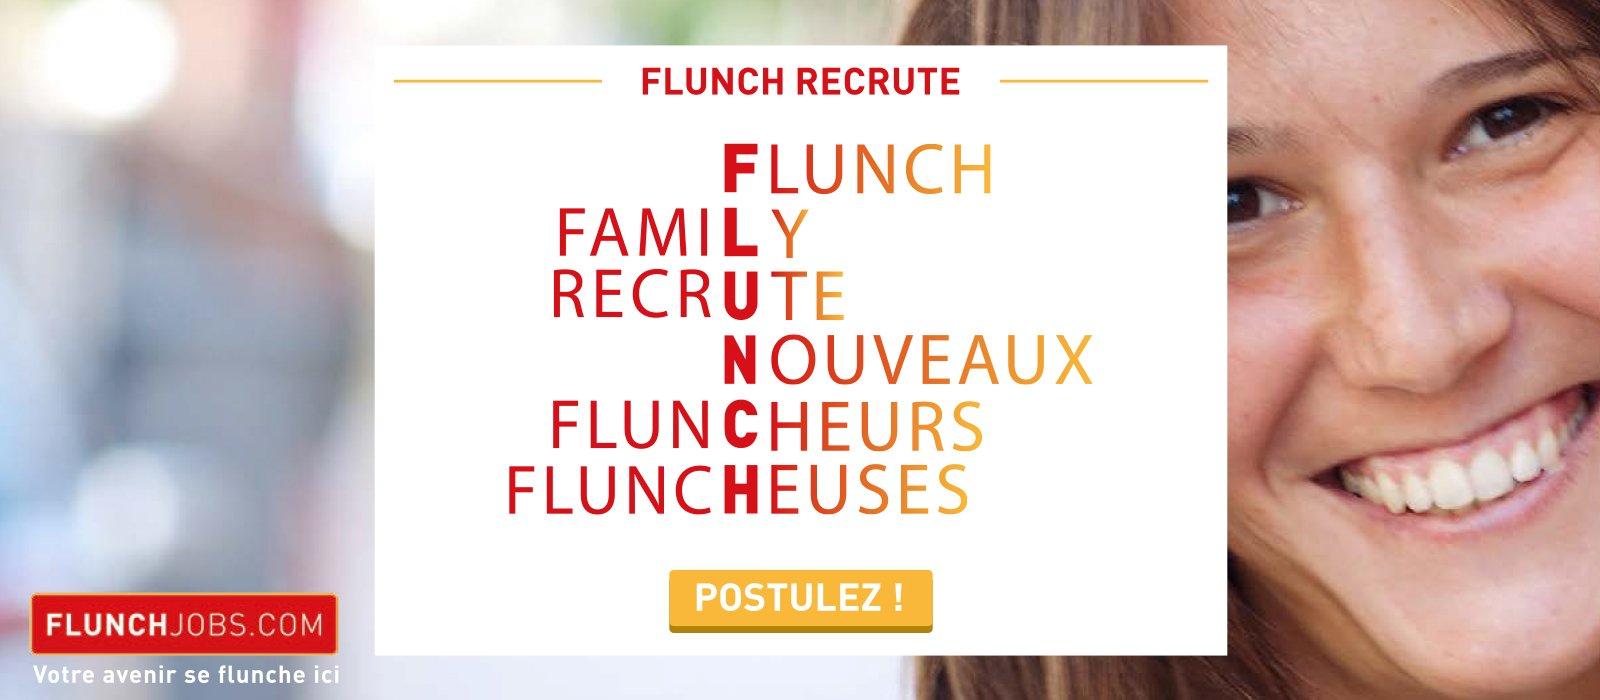 Trouver un job chez Flunch